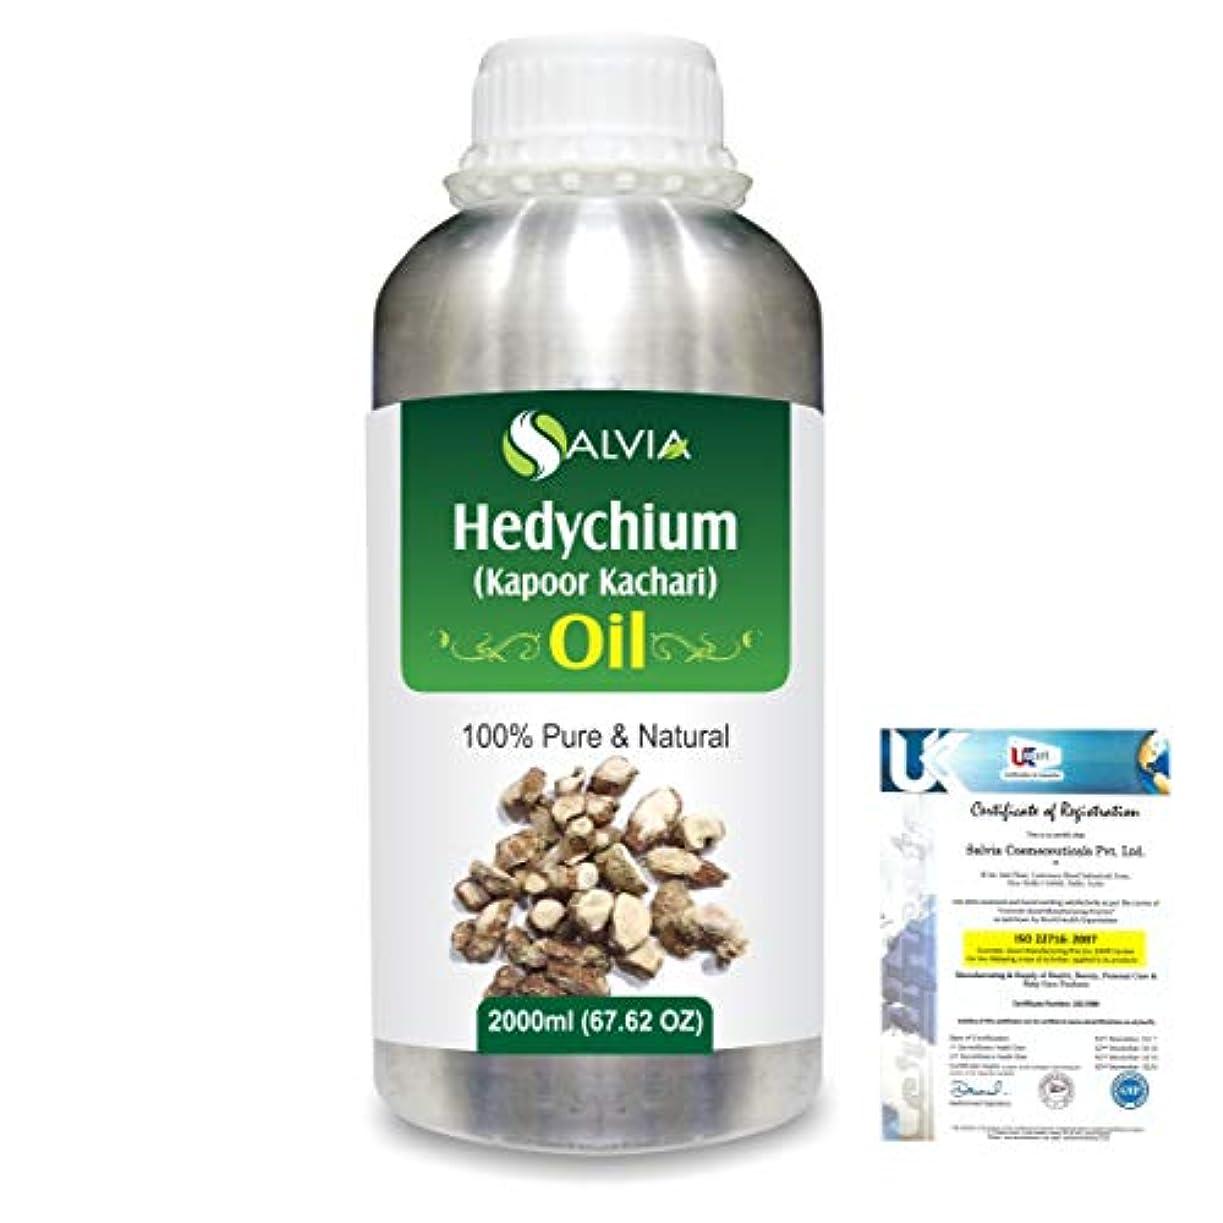 説得力のあるドリンクエスカレートHedychium (Kapoor Kachari) 100% Natural Pure Essential Oil 2000ml/67 fl.oz.